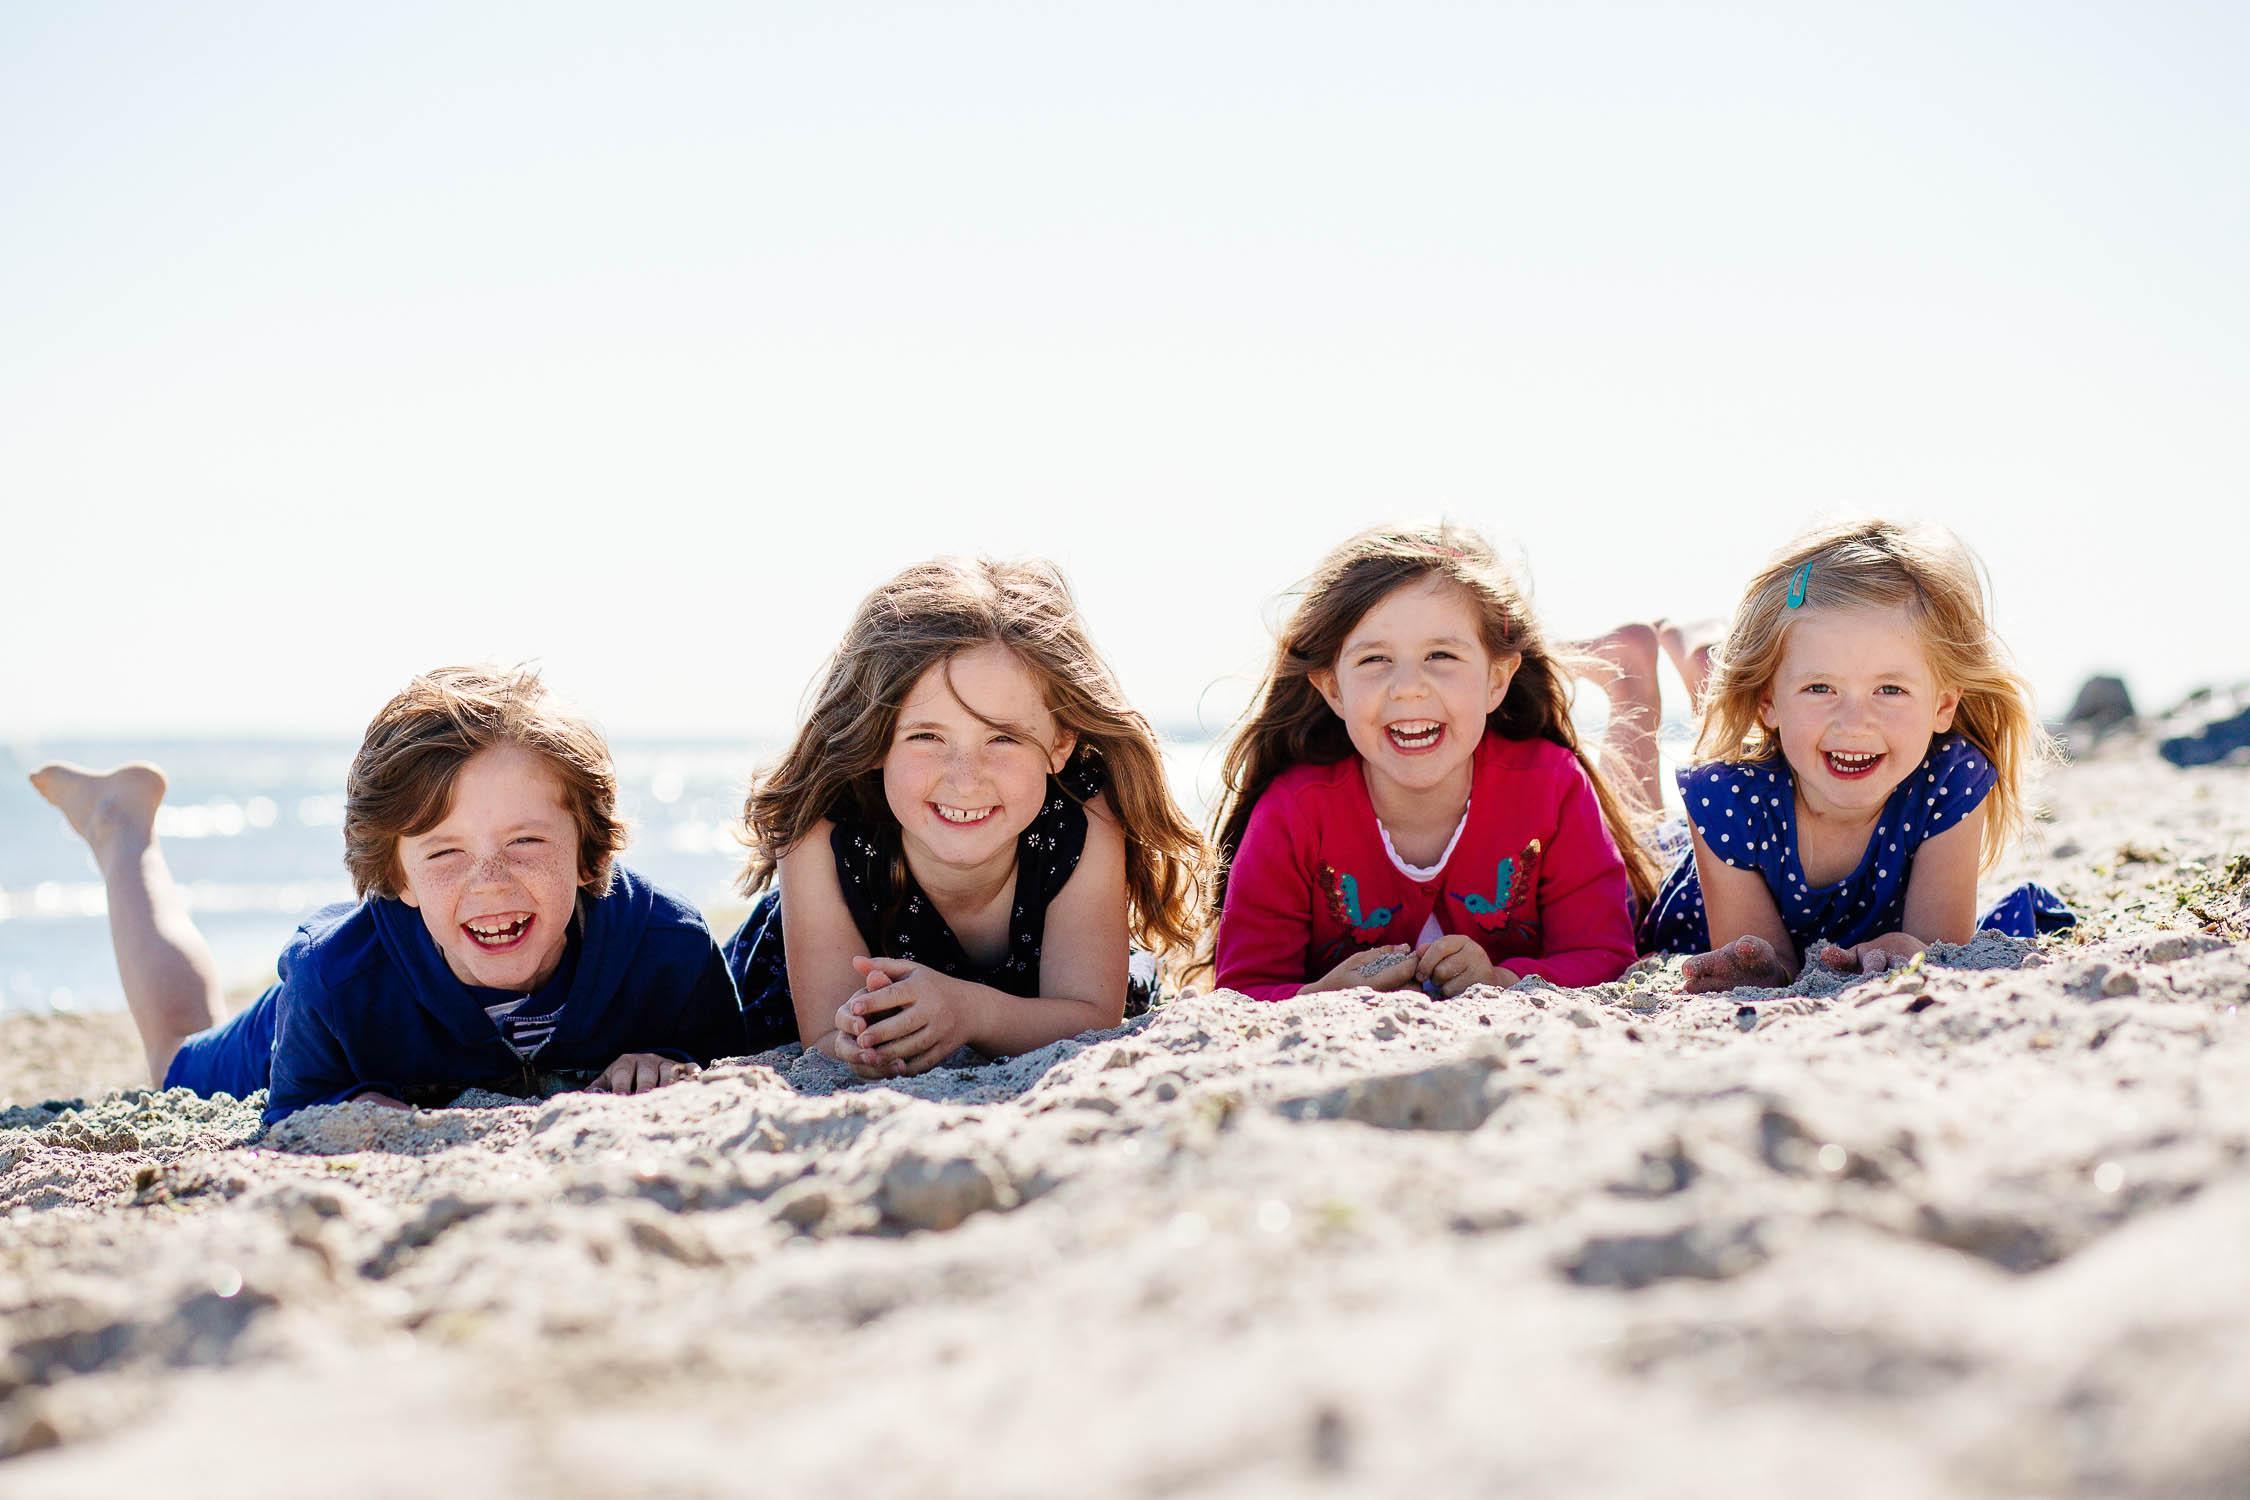 Familien Fotoshooting in Pelzerhaken 11